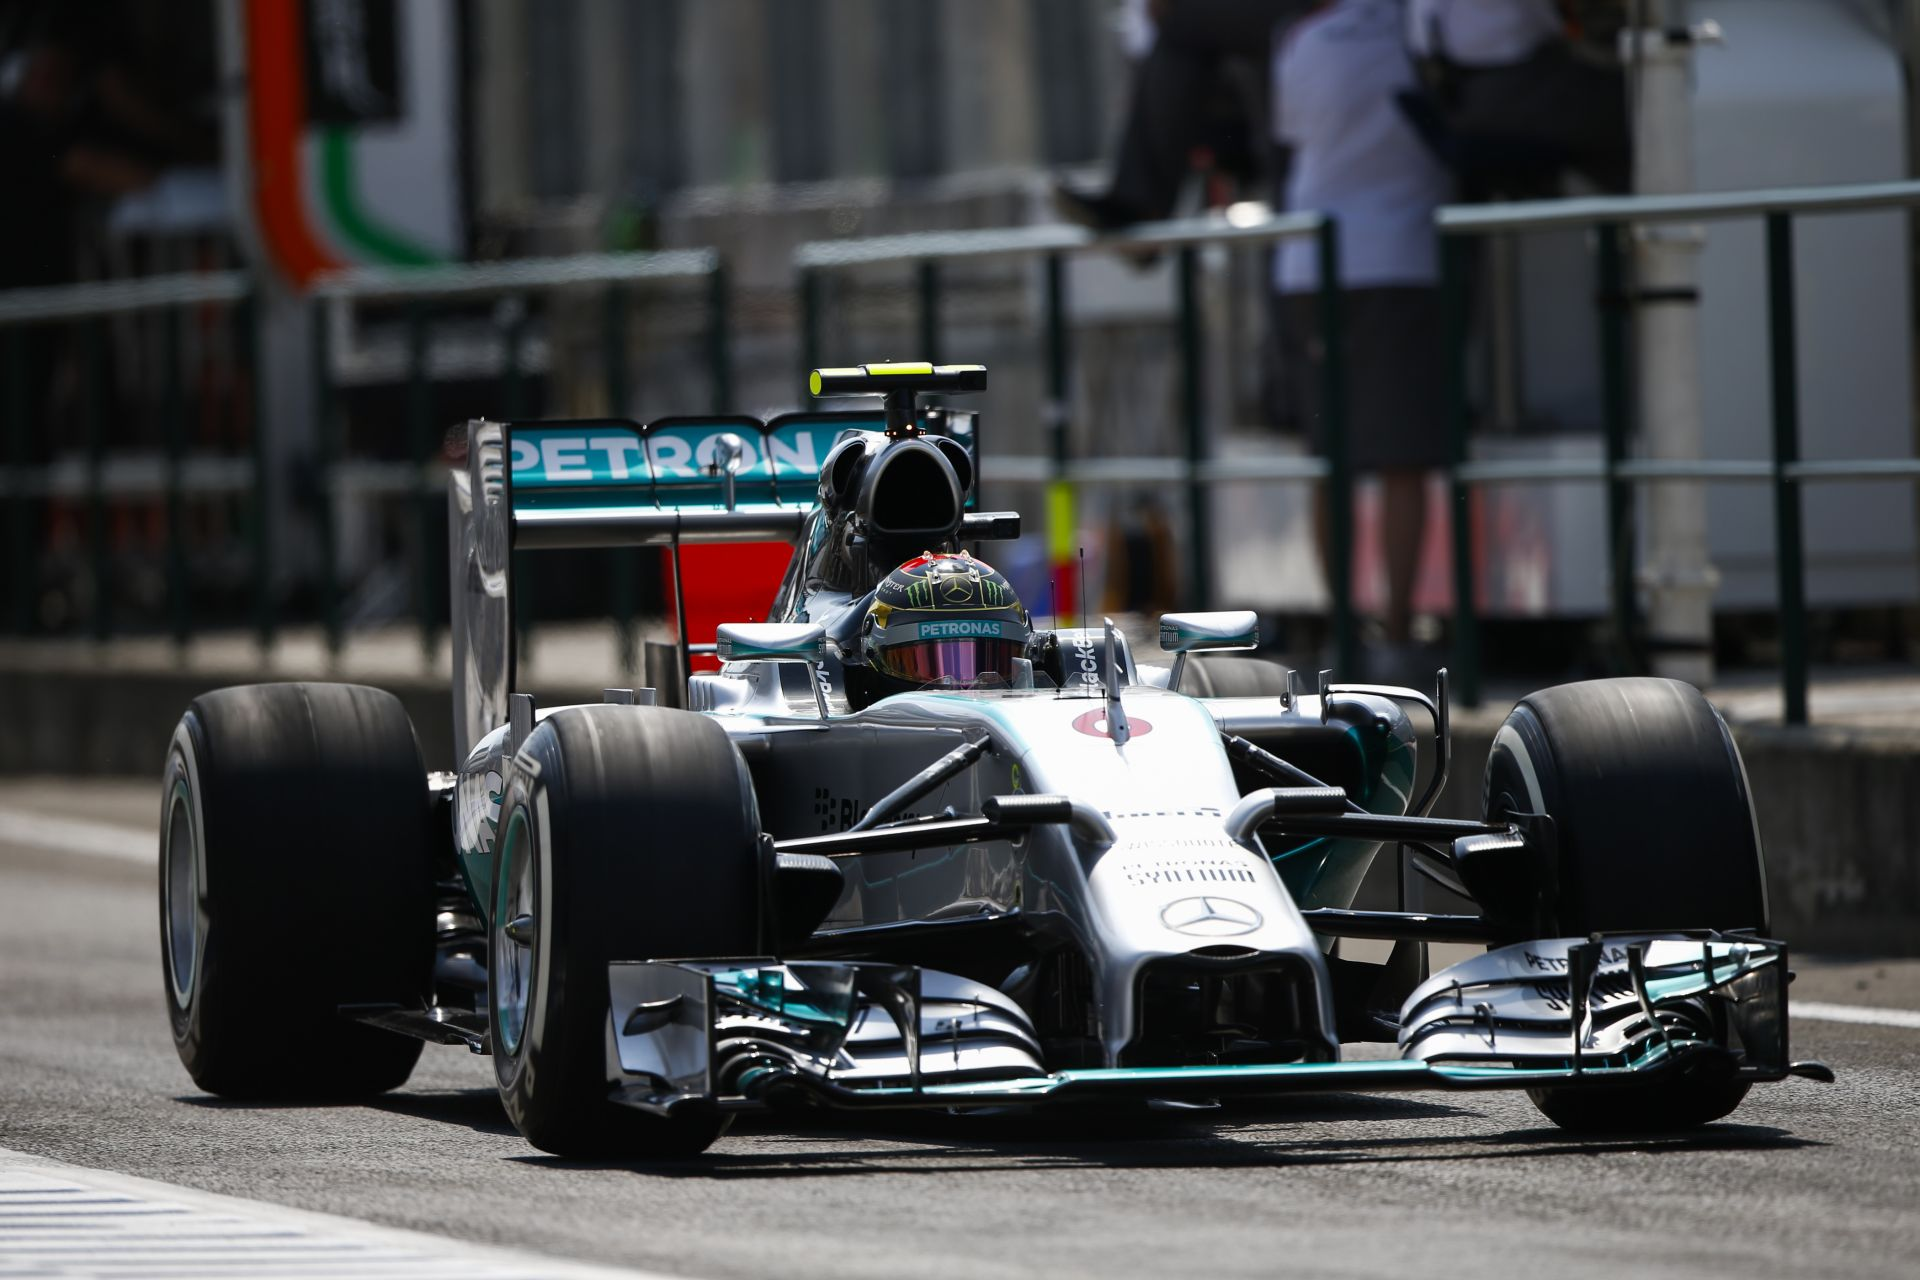 Rosberg biztosra fog menni holnap: nem kell a felesleges kockázat, Hamilton messzire van